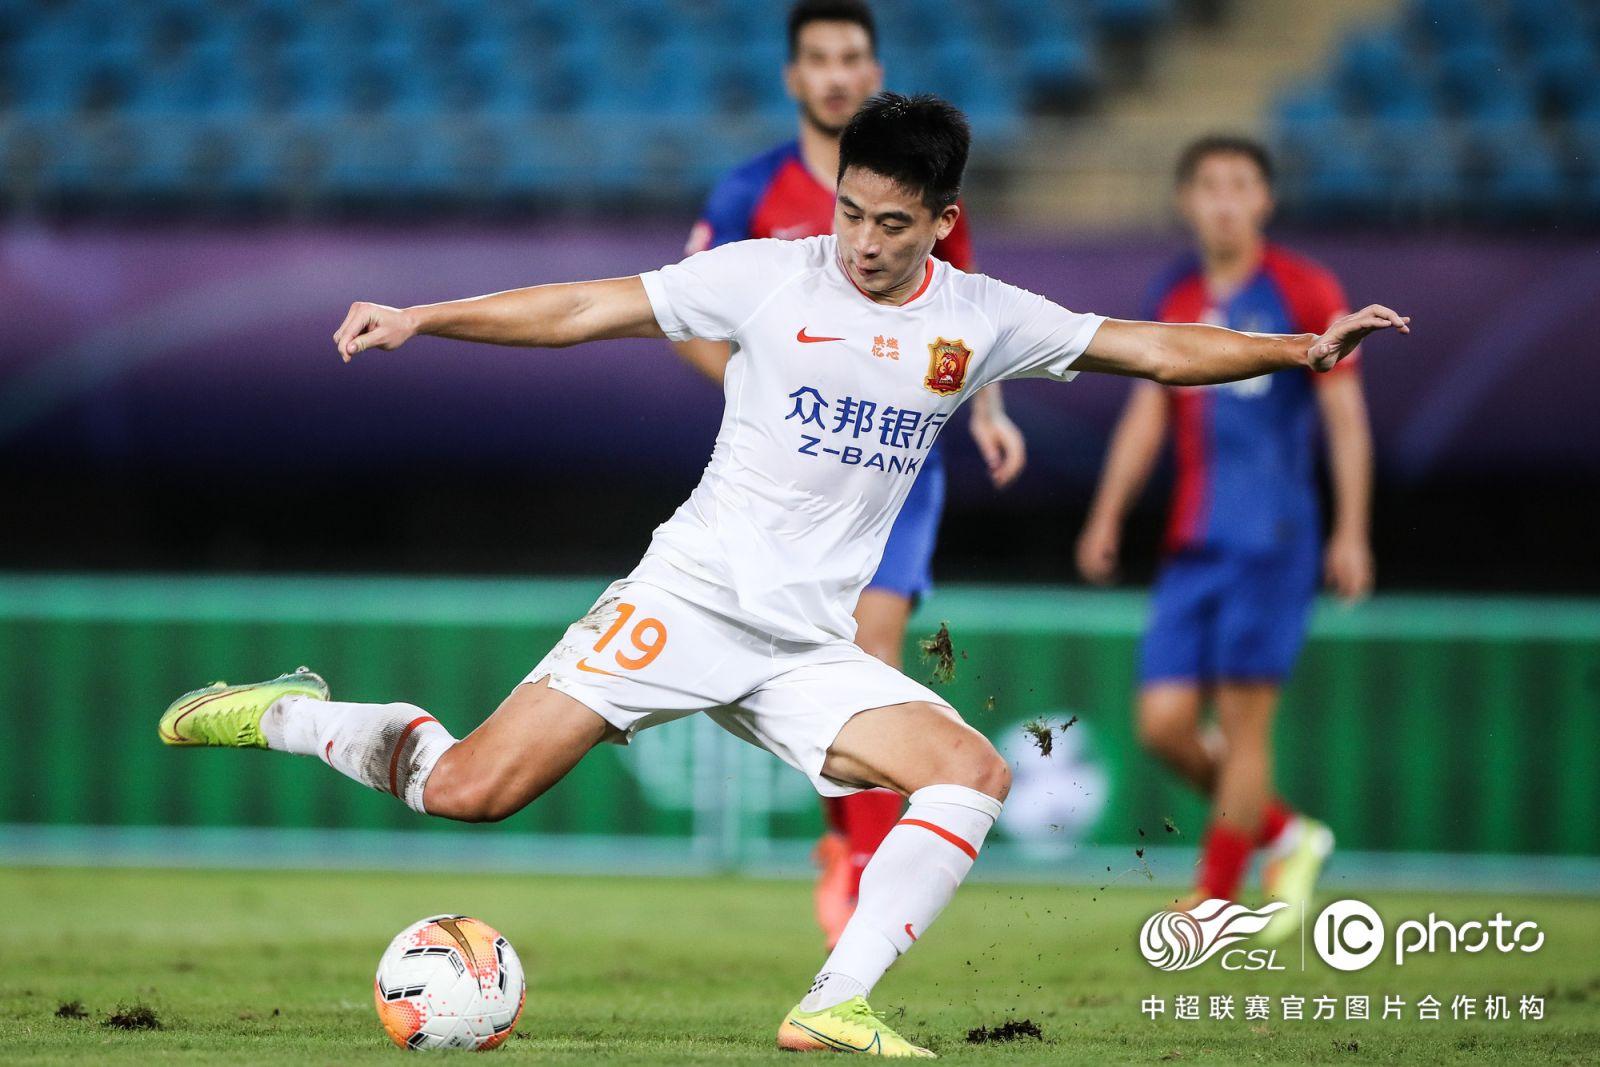 胡靖航:自己状态在上升还需拿出成绩,目标进入国家队